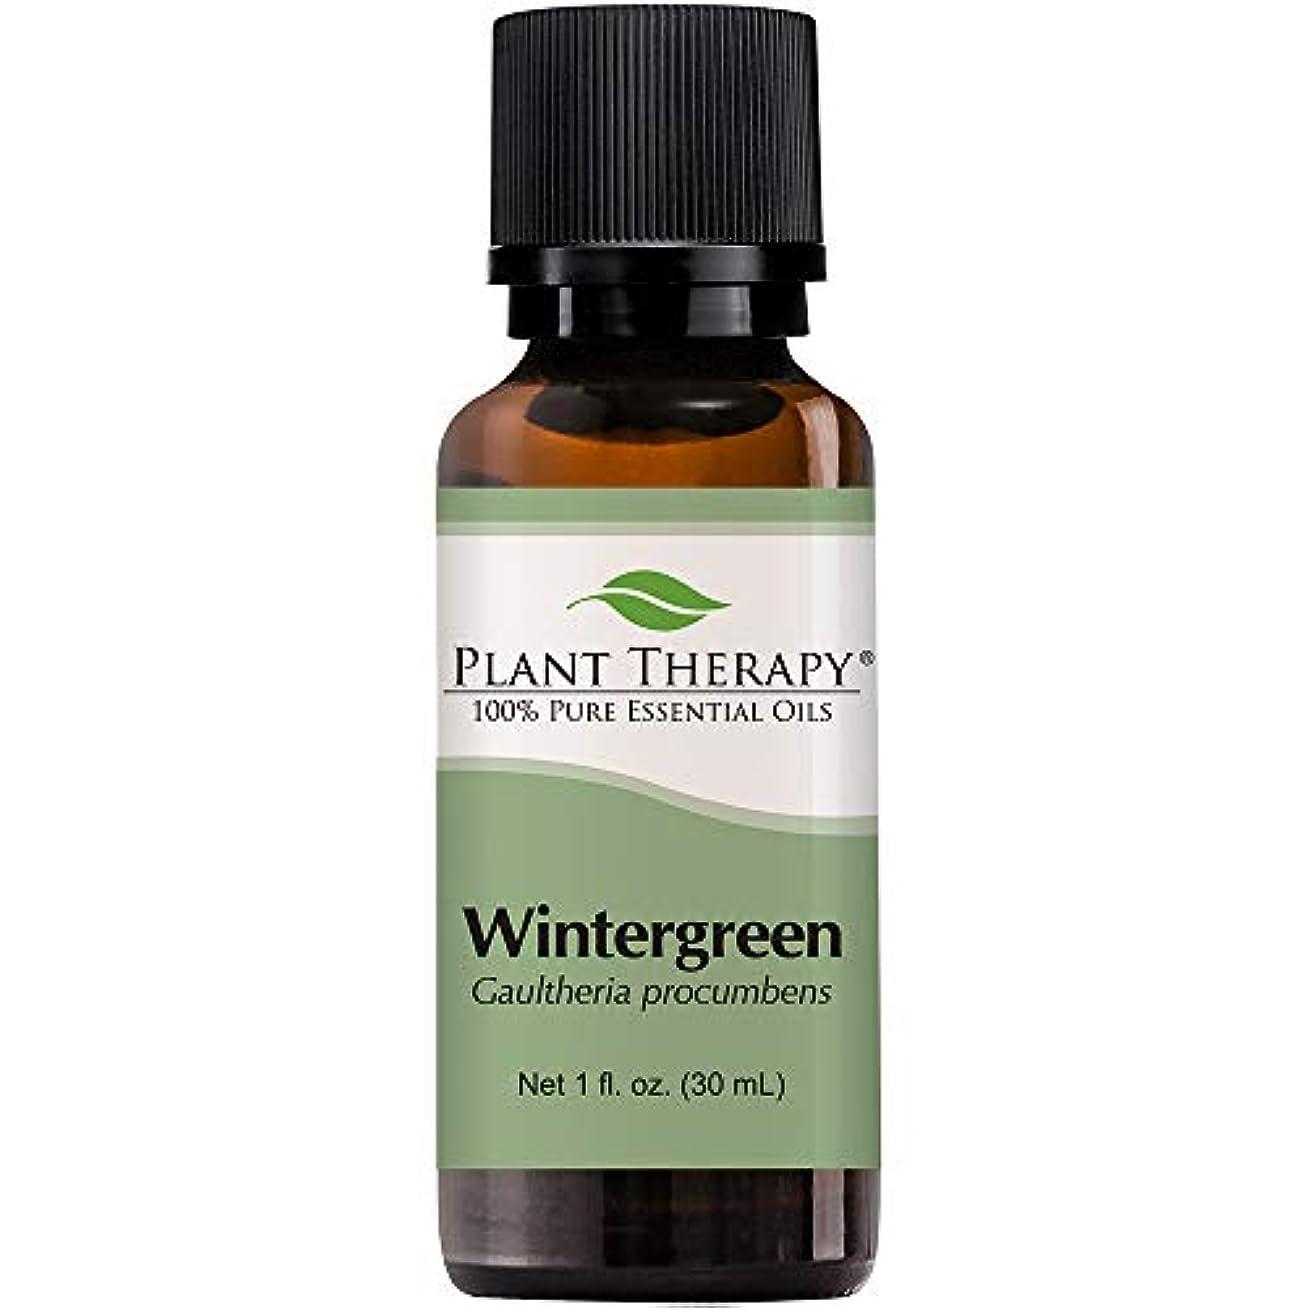 ペリスコーププロトタイプ継承Wintergreen Essential Oil. 30 ml (1 oz). 100% Pure, Undiluted, Therapeutic Grade. by Plant Therapy Essential Oils